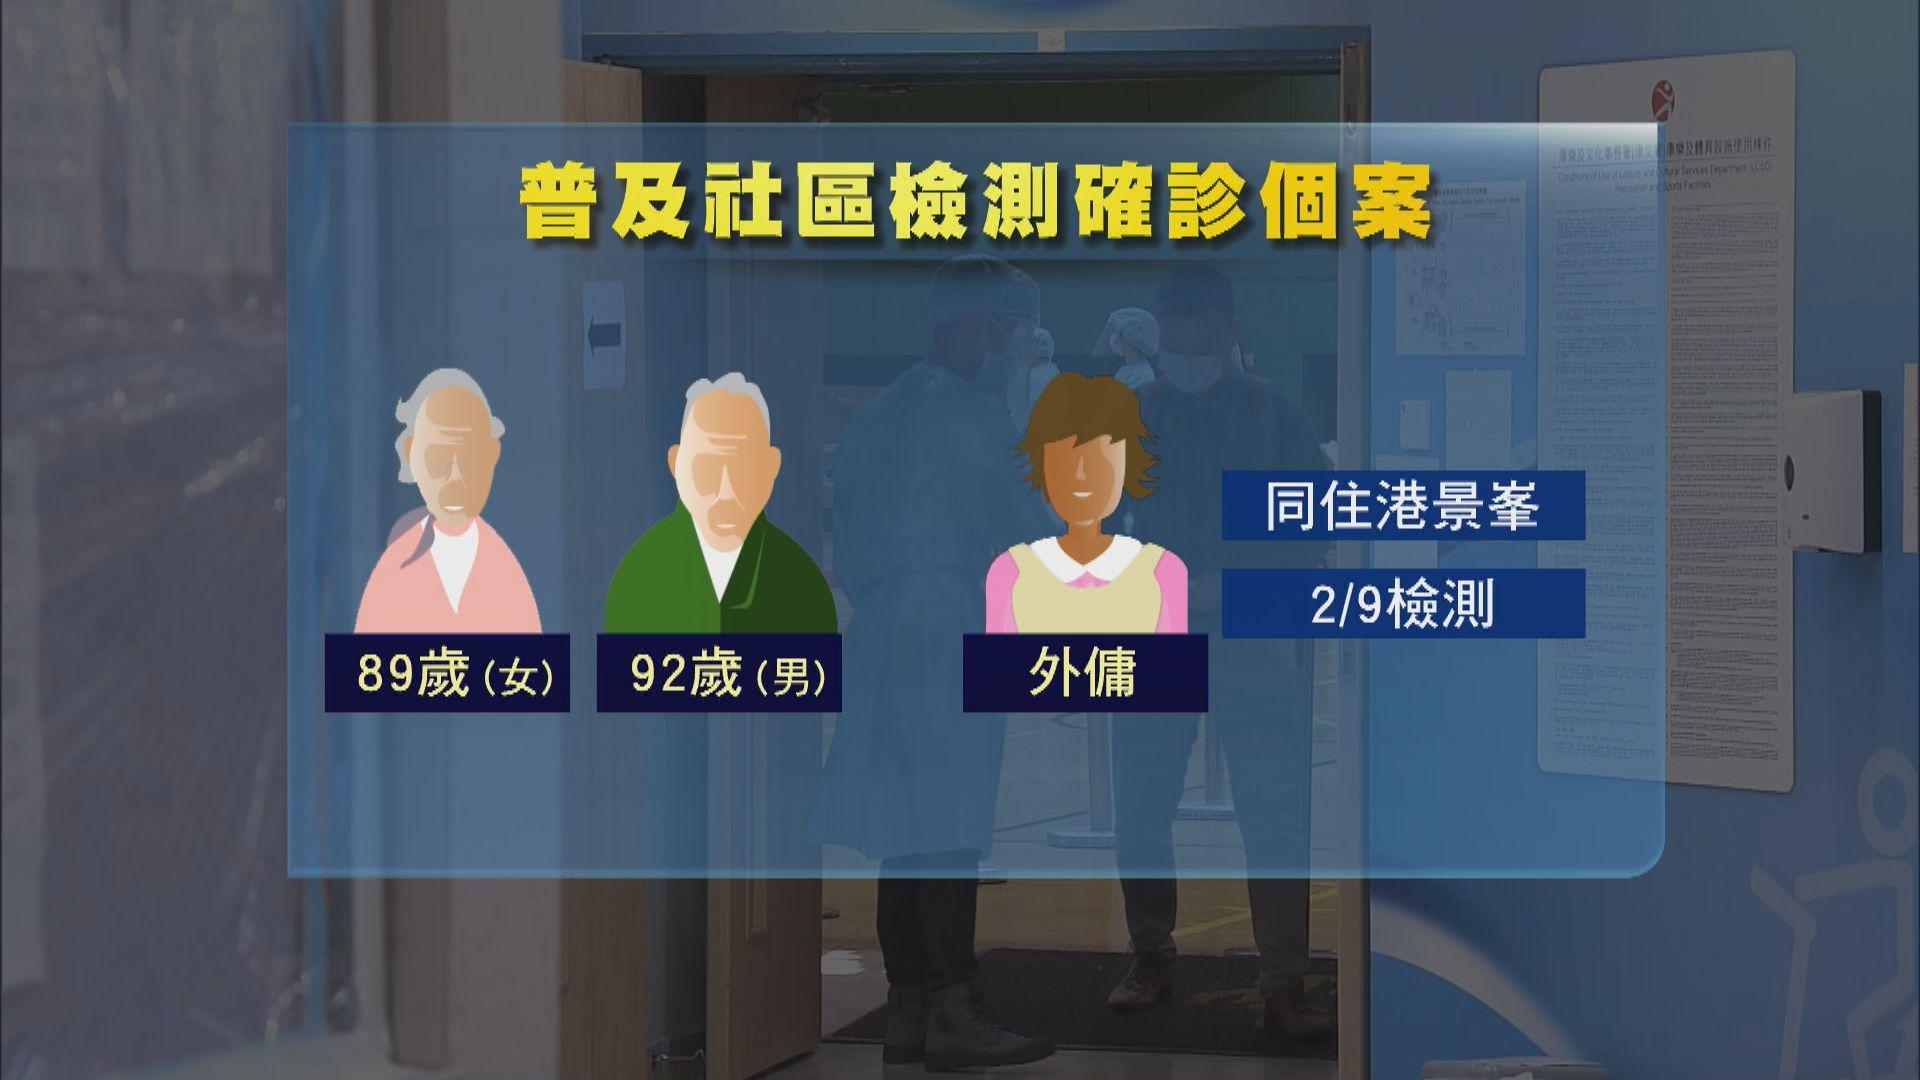 年長夫婦及其家傭出現病徵 參與全民檢測確診